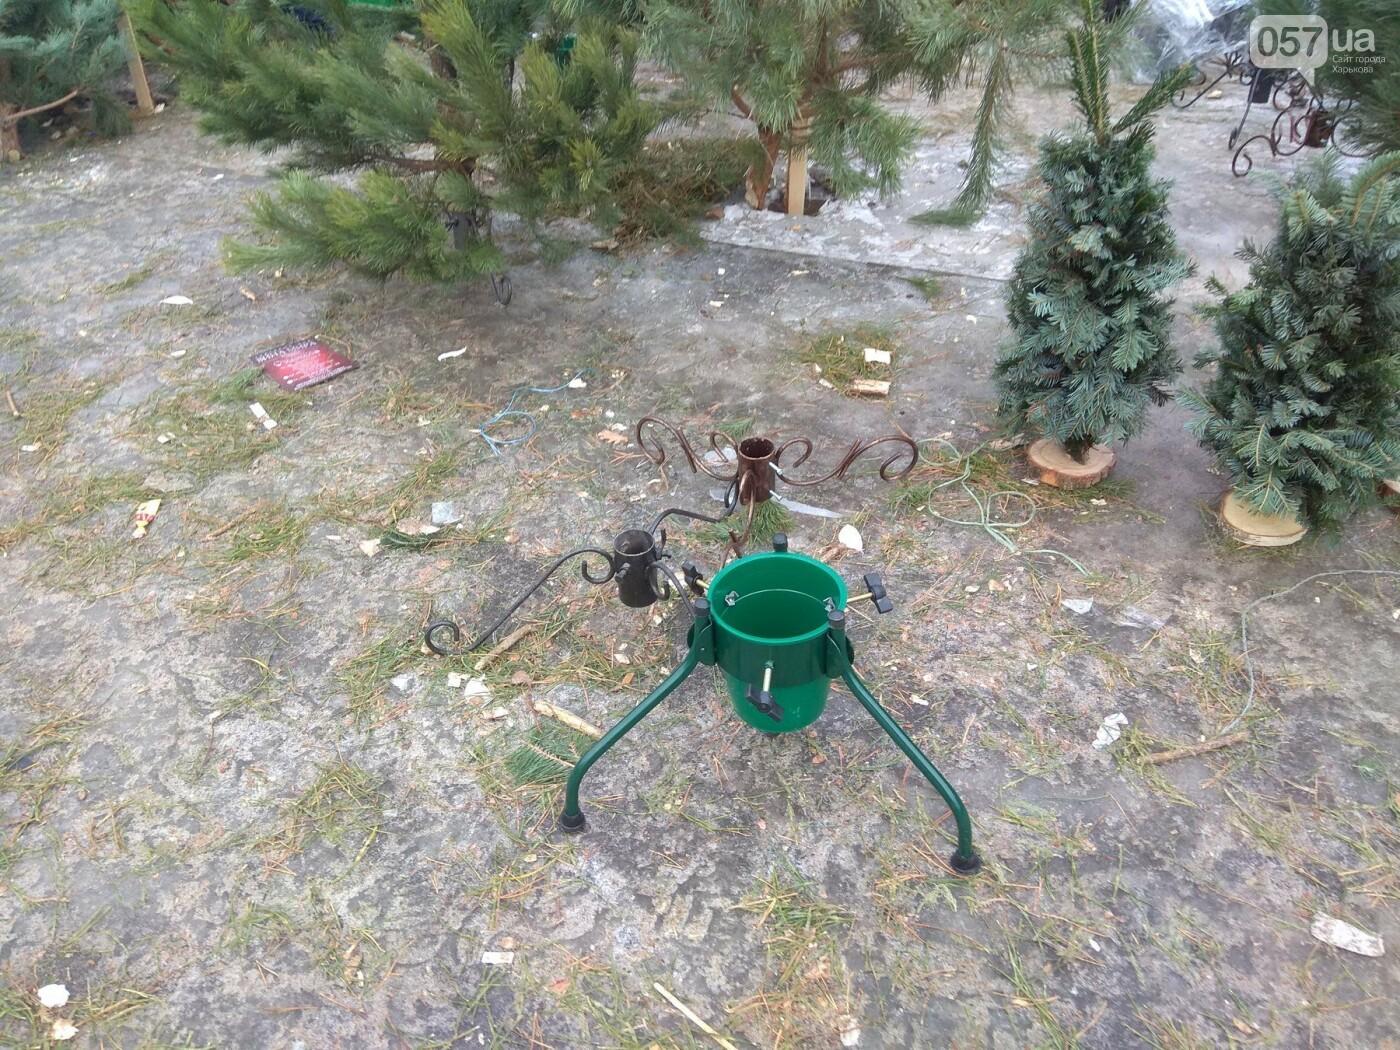 Новогодние елки в Харькове. Где и за сколько можно купить, - ФОТО, фото-8